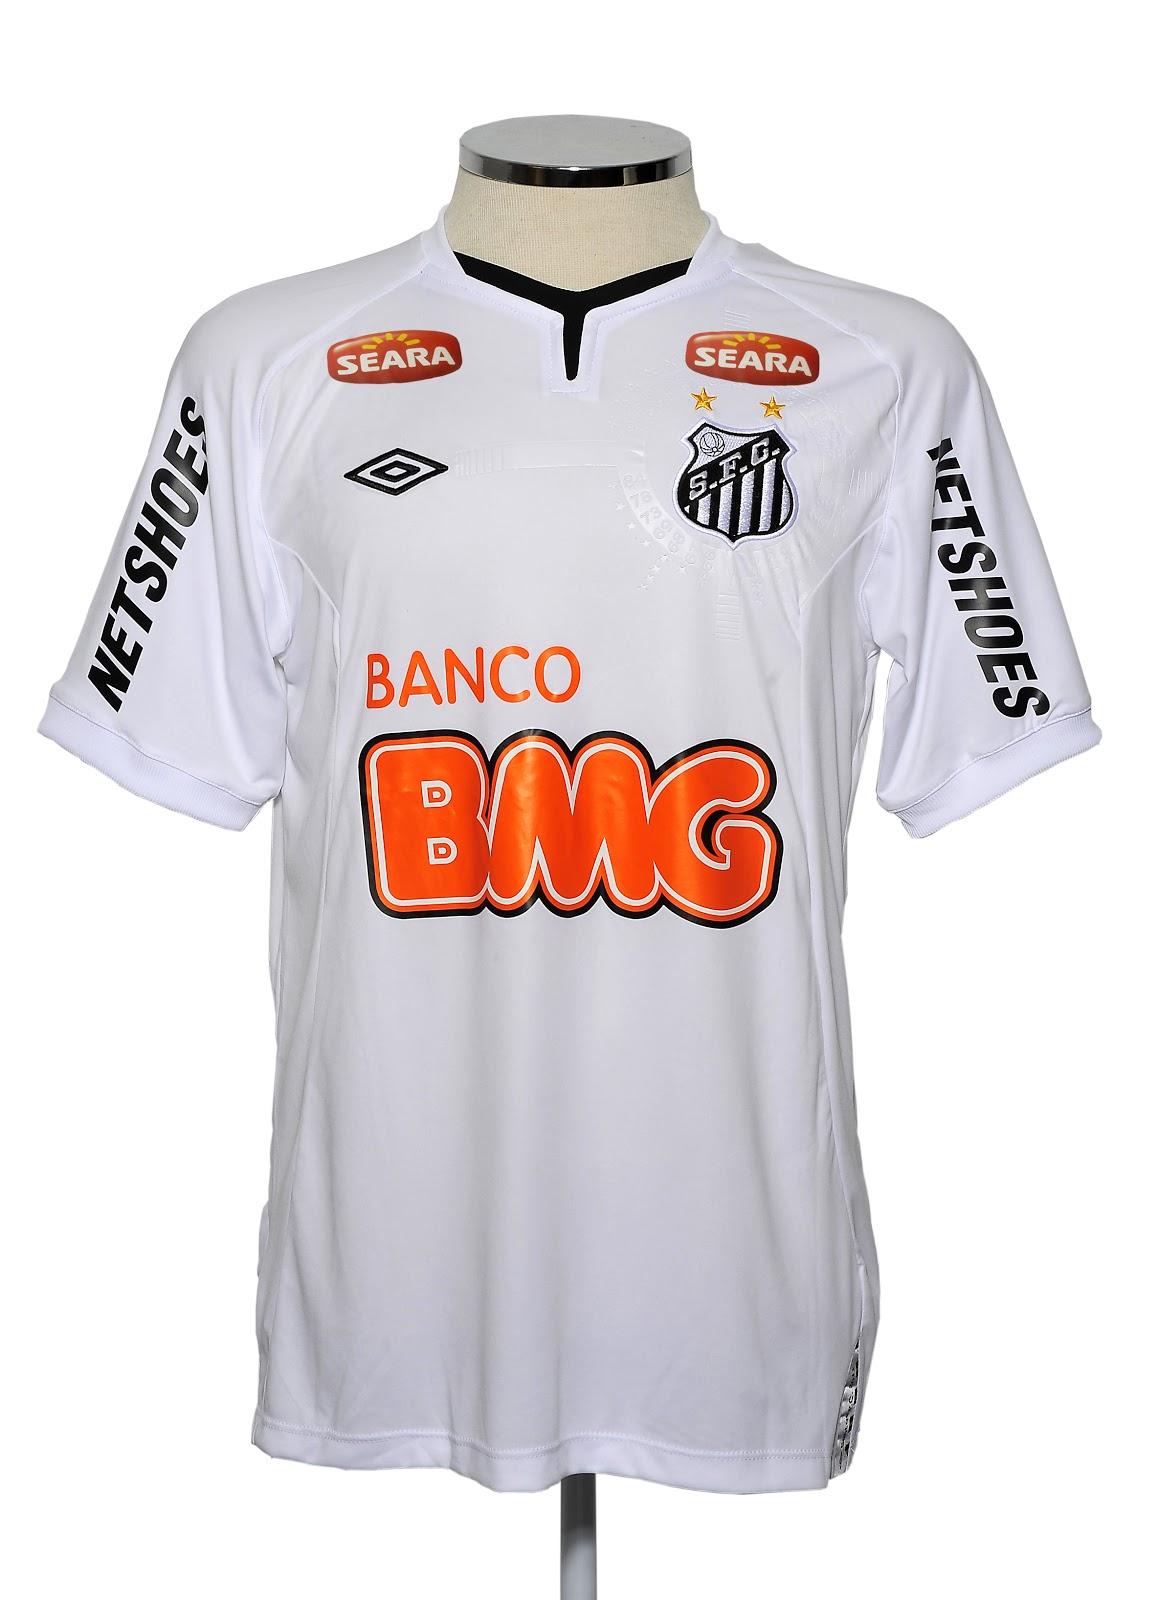 095442e959 Novas camisas do Santos